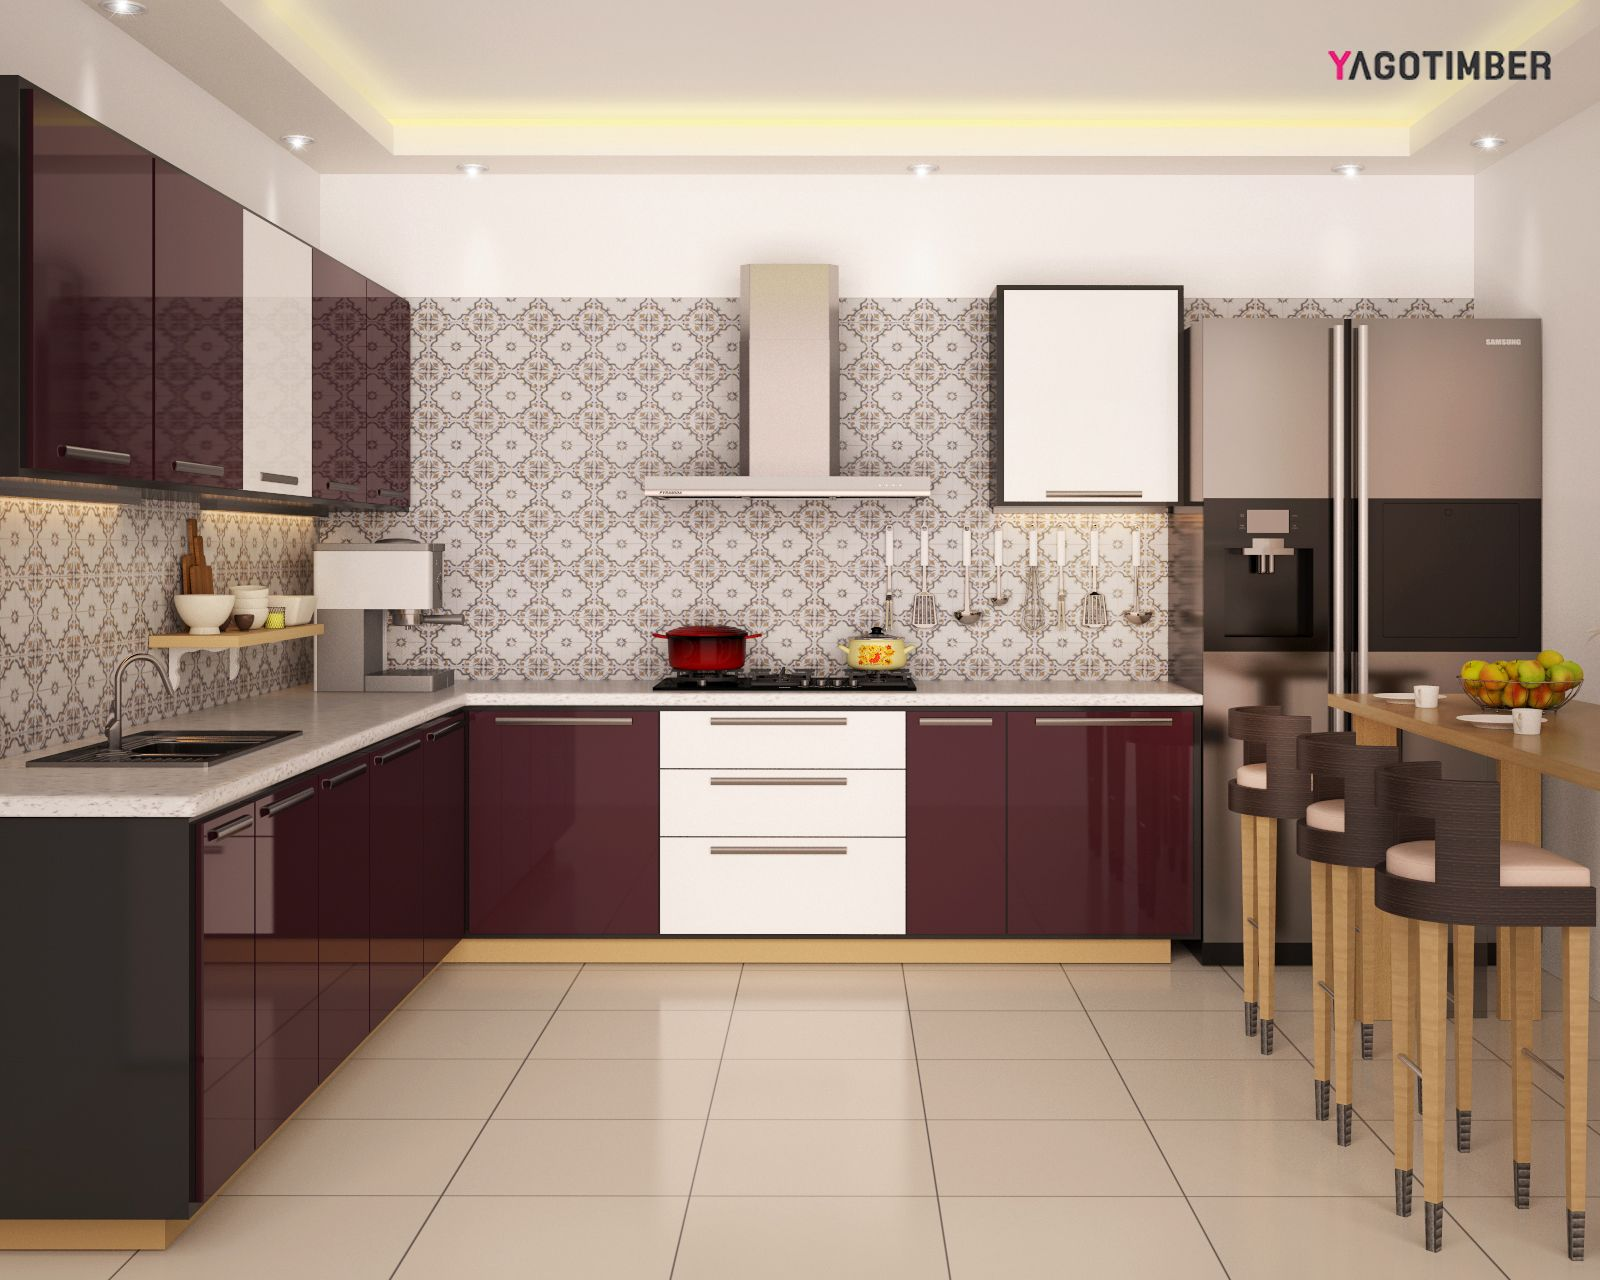 Get delightful modularkitchen interior design ideas in